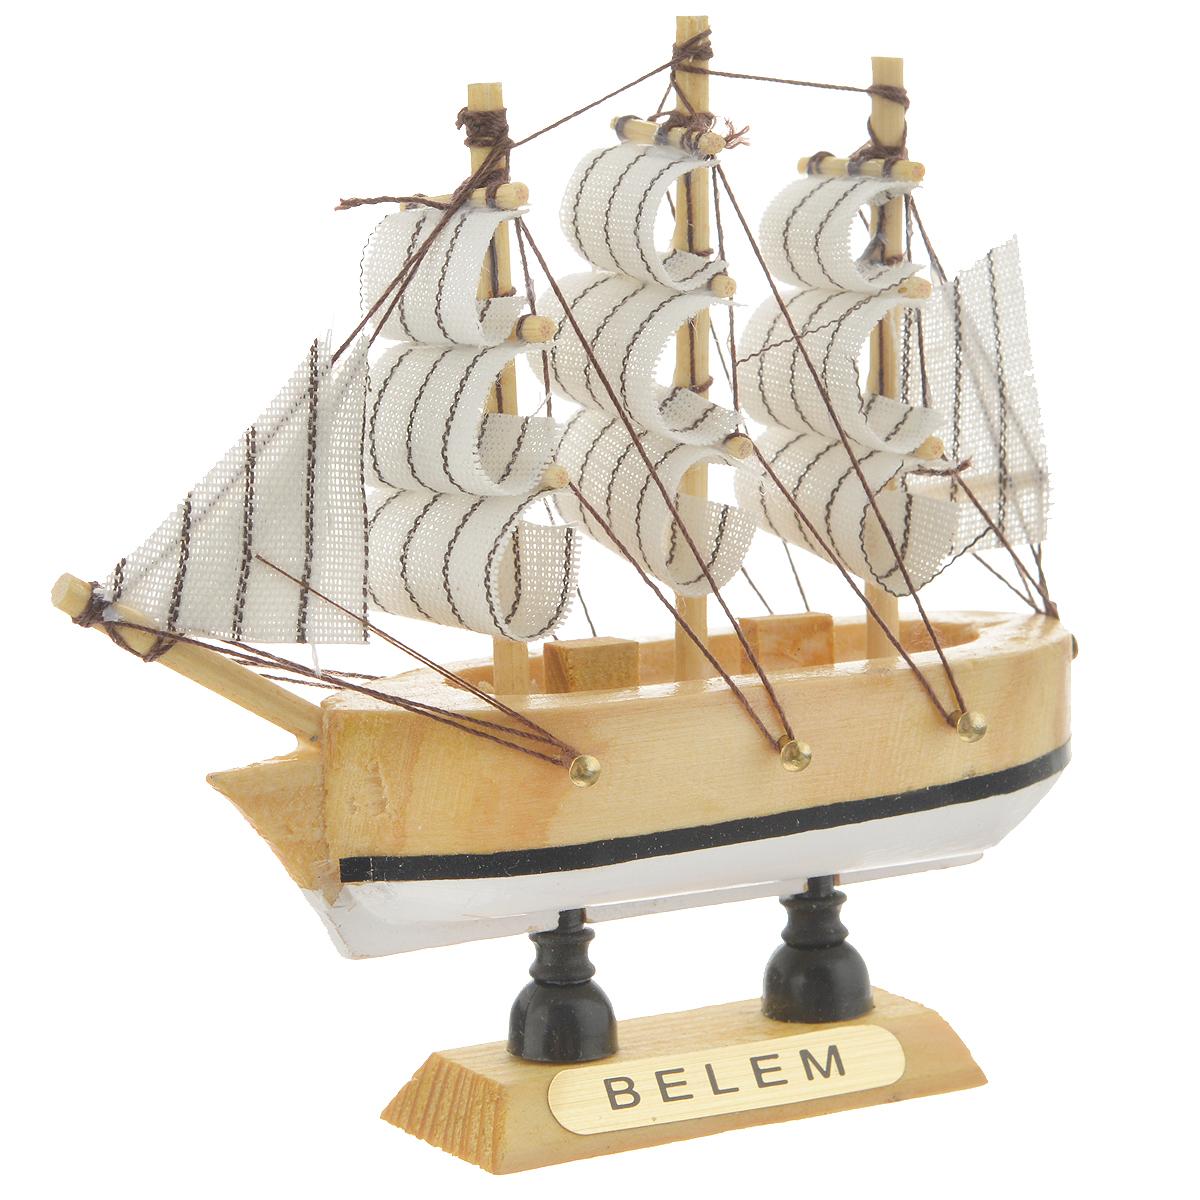 Корабль сувенирный Belem, длина 10 см452013Сувенирный корабль Belem, изготовленный из дерева и текстиля, это великолепный элемент декора рабочей зоны в офисе или кабинете. Корабль с парусами помещен на деревянную подставку. Время идет, и мы становимся свидетелями развития технического прогресса, новых учений и практик. Но одно не подвластно времени - это любовь человека к морю и кораблям. Сувенирный корабль наполнен историей и силой океанских вод. Данная модель кораблика станет отличным подарком для всех любителей морей, поклонников историй о покорении океанов и неизведанных земель. Модель корабля - подарок со смыслом. Издавна на Руси считалось, что корабли приносят удачу и везение. Поэтому их изображения, фигурки и точные копии всегда присутствовали в помещениях. Удивите себя и своих близких необычным презентом.